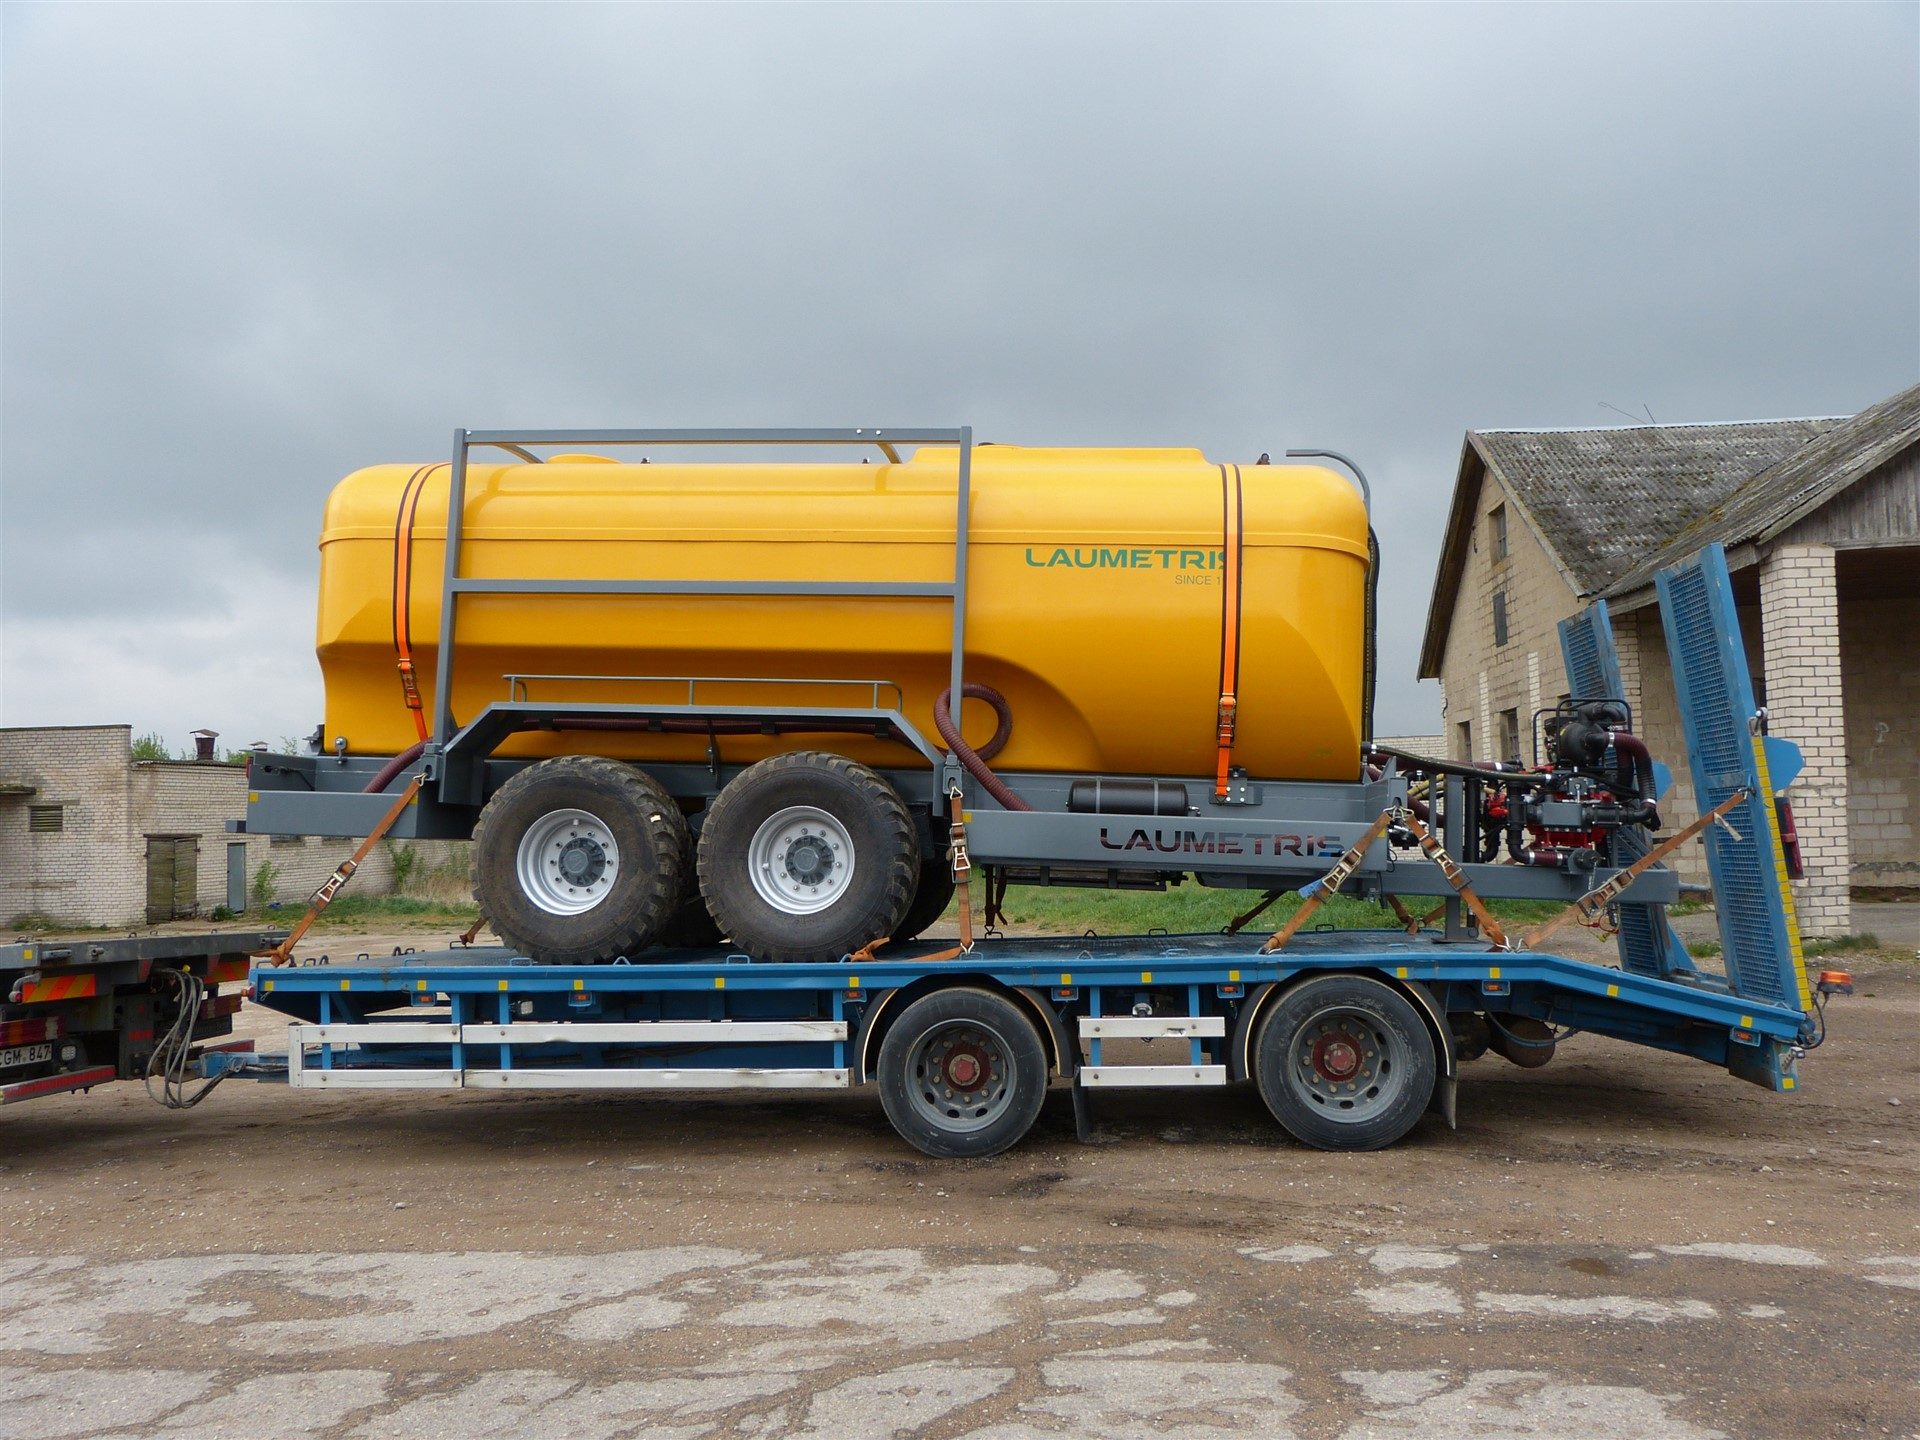 Cisterninė puspriekabė PTL-20V vandenvežis, Laumetris